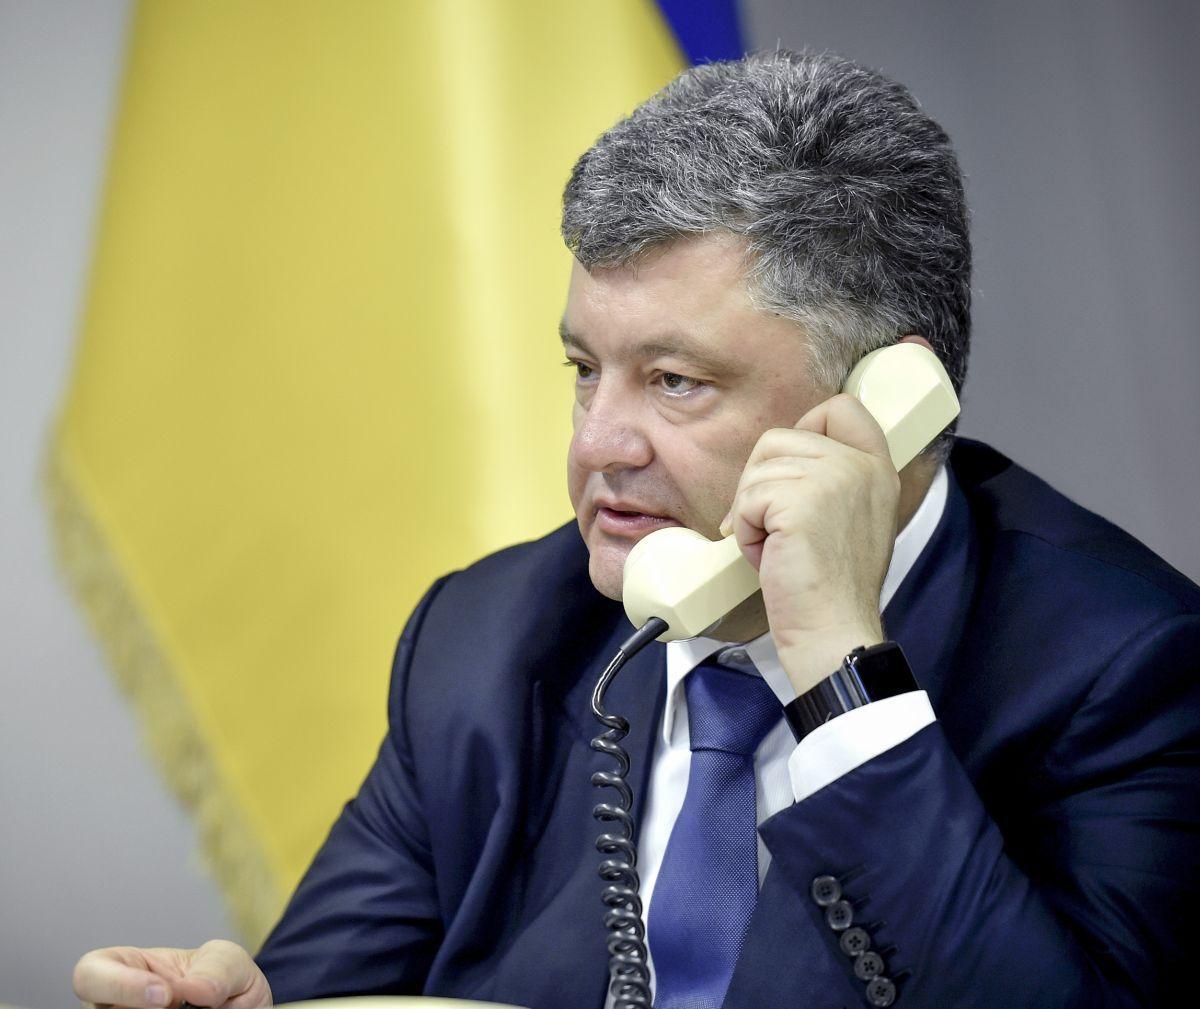 Керівники держав Нормандської четвірки провели телефонну розмову / фото president.gov.ua